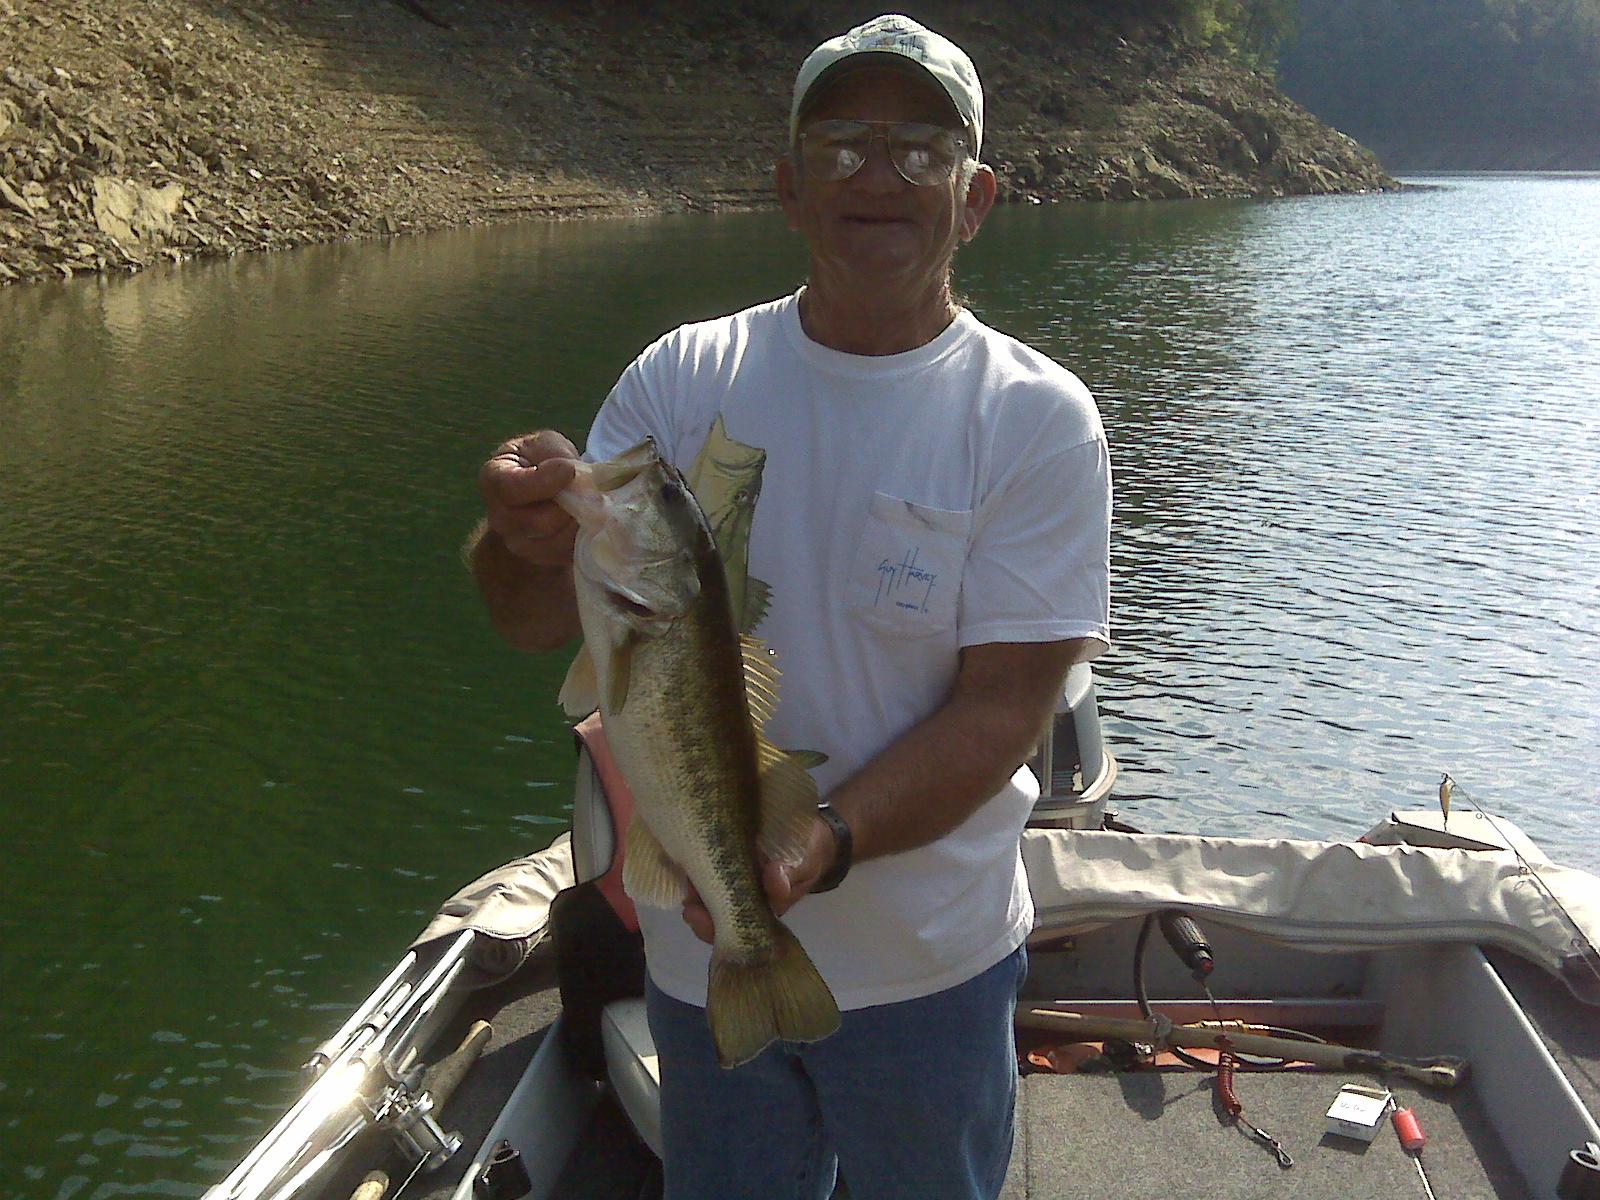 Fishing (Lake) Adventure